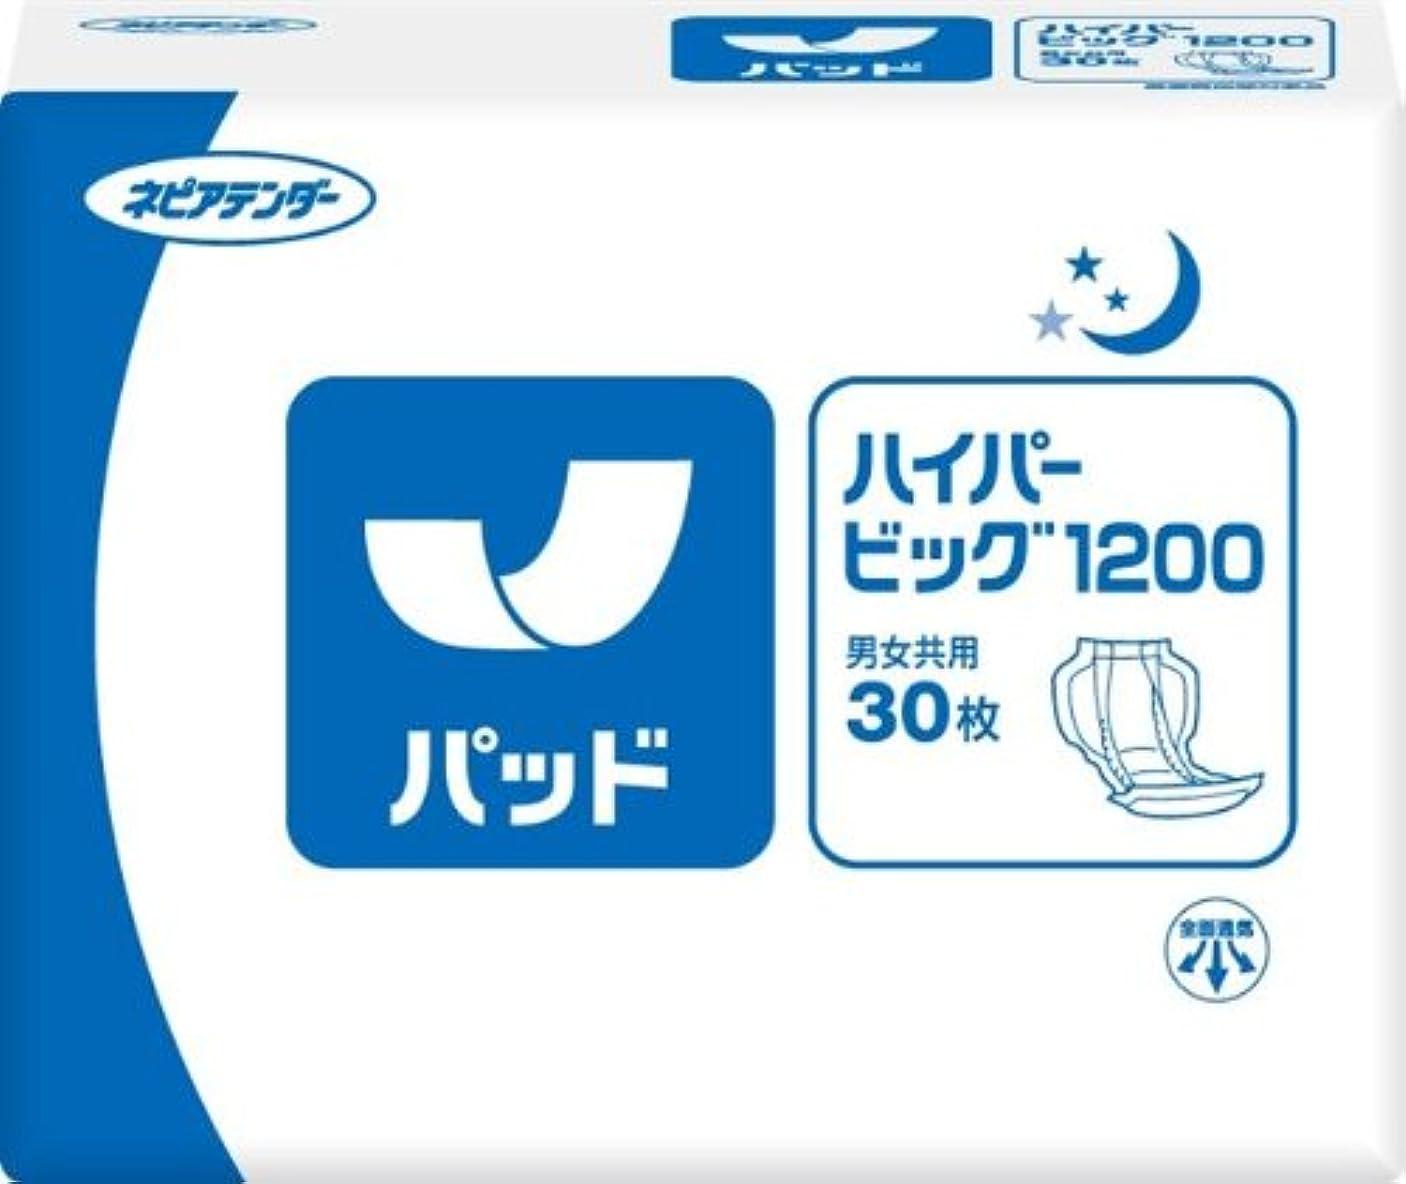 砂漠指紋蒸発するネピアテンダー 尿とりハイパービッグ1200 30枚 大人用紙おむつ 介護用品